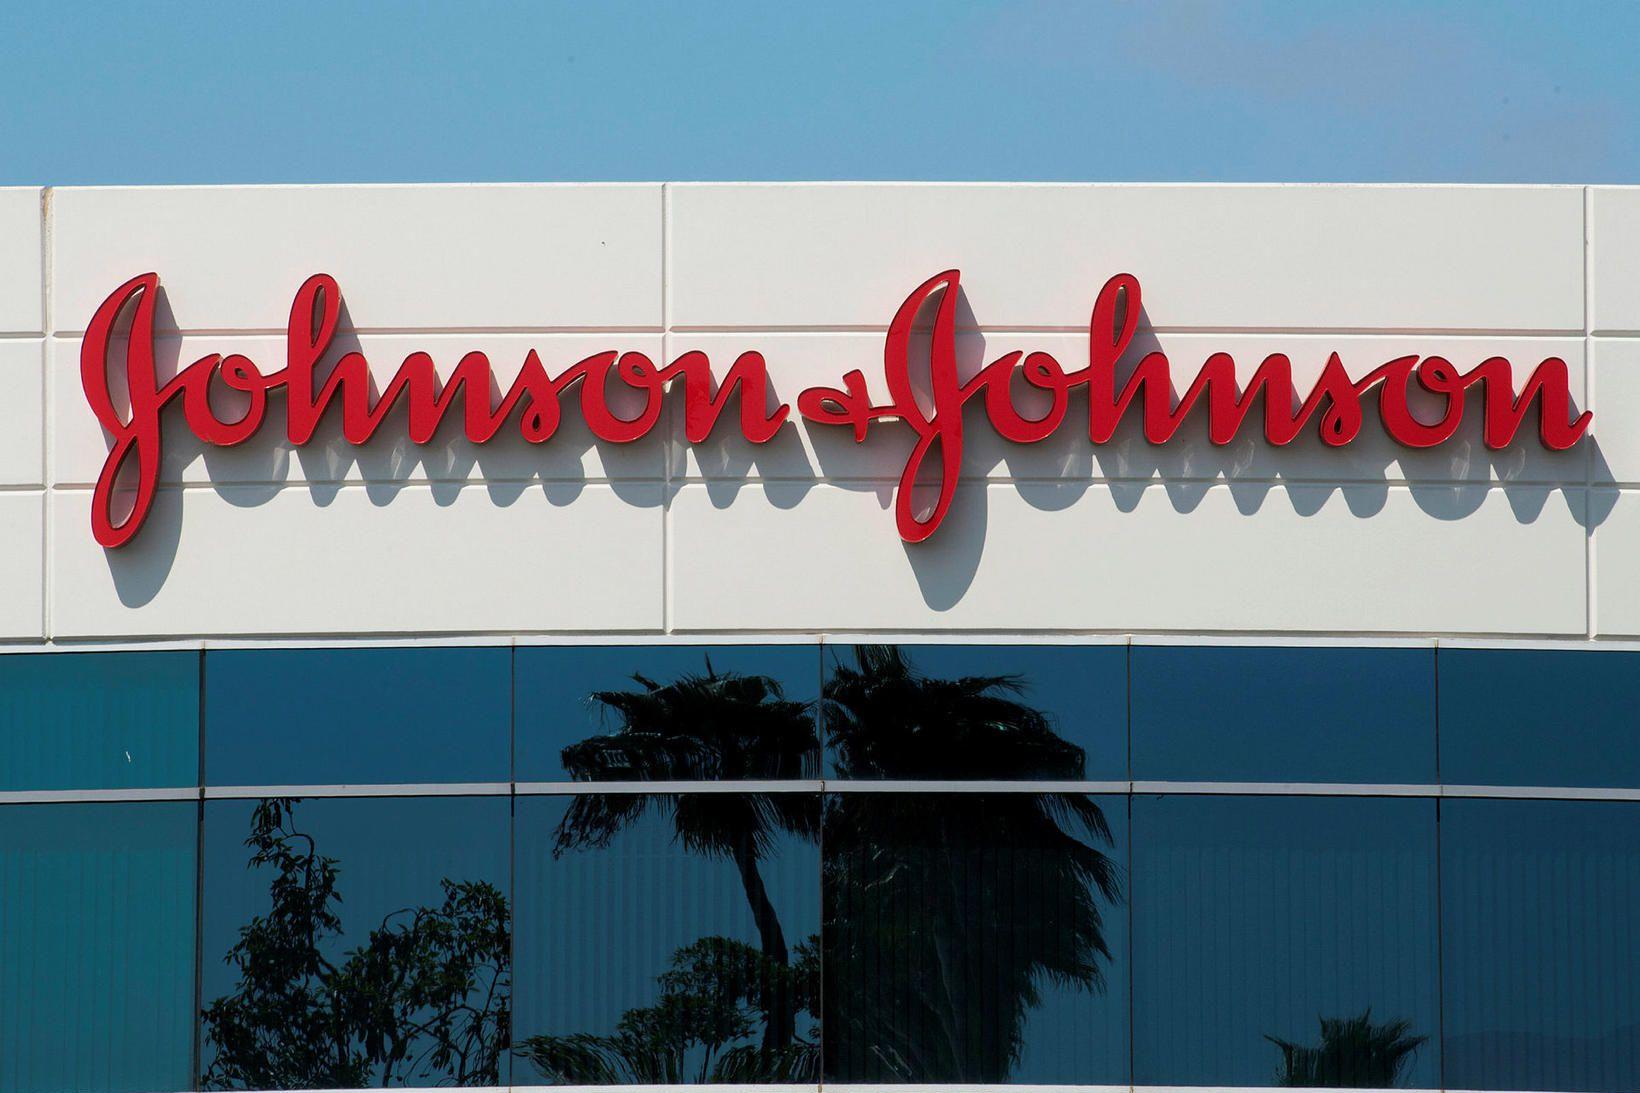 Johnson & Johnson er eitt fyrirtækjanna í bóluefnakapphlaupinu.